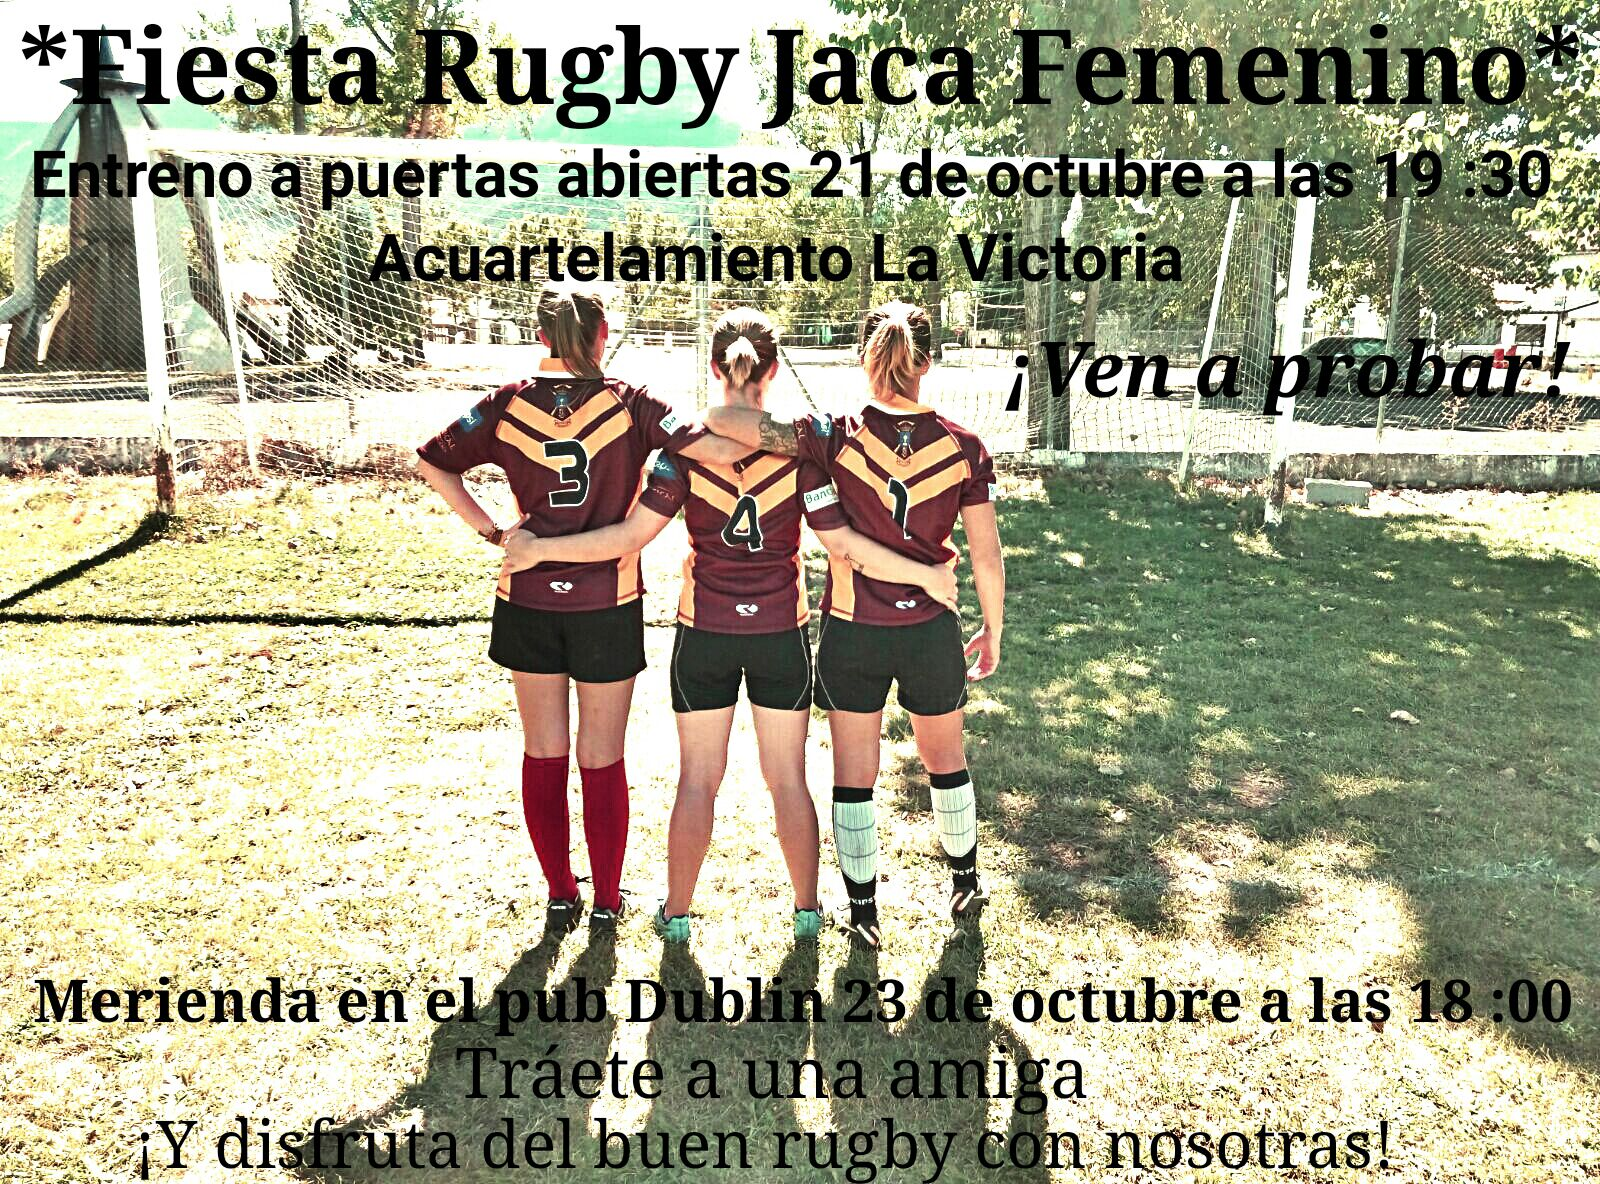 Fiesta Rugby Jaca femenino